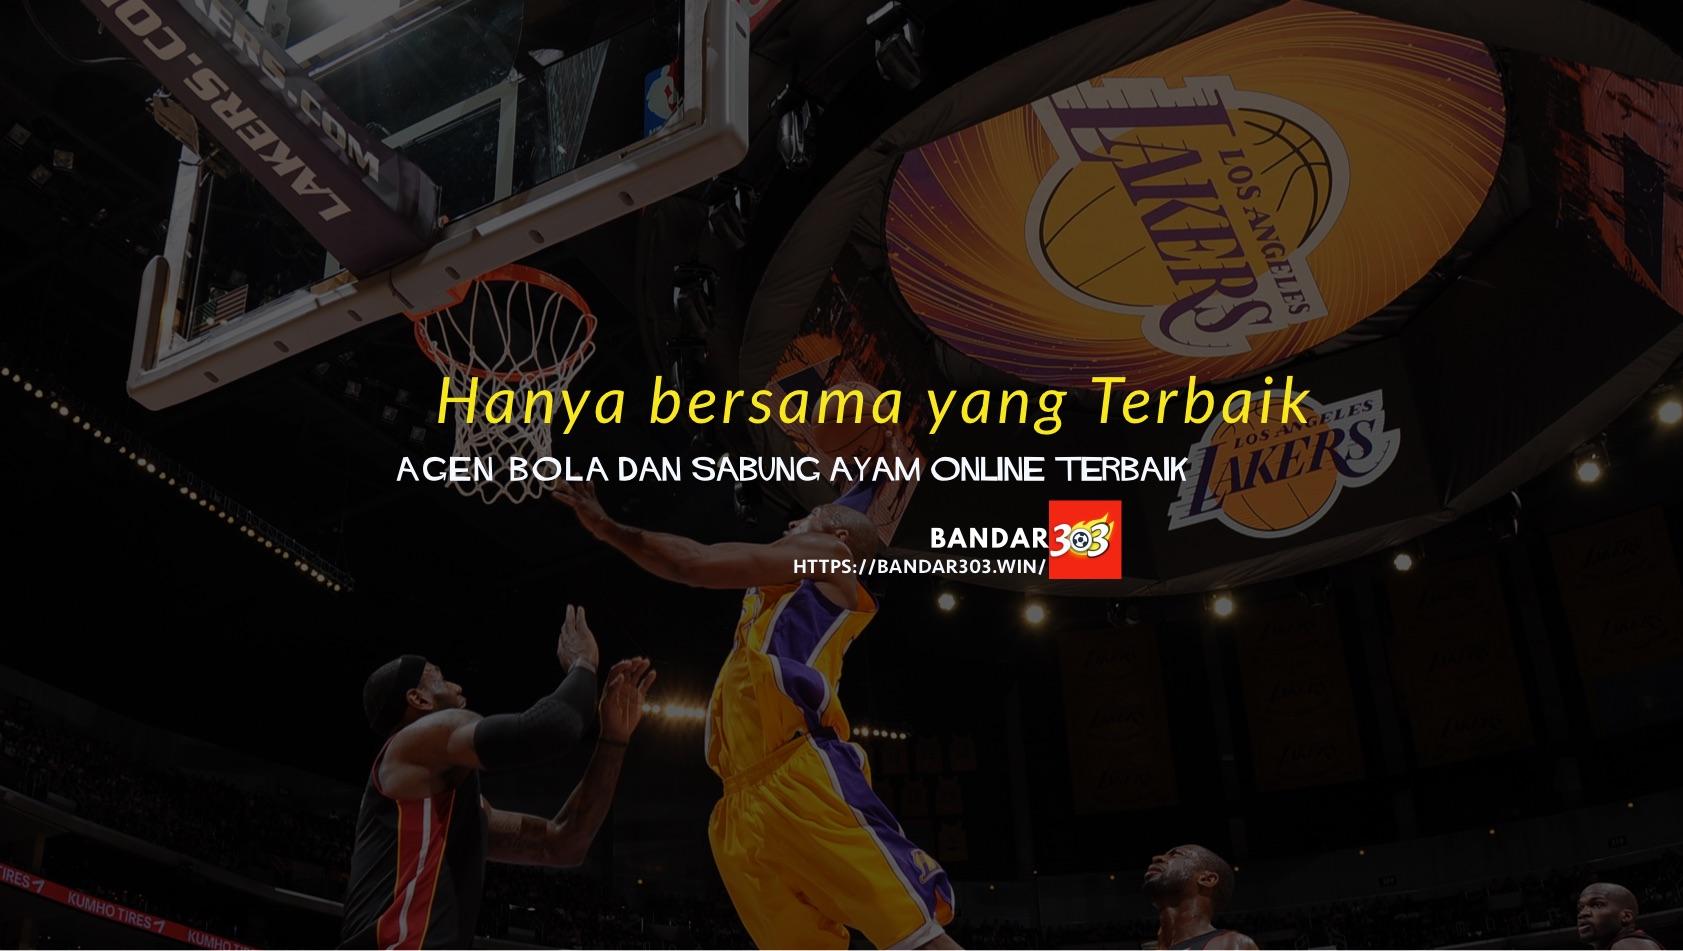 Agen Bola dan Sabung Ayam Online terbaik di Indonesia